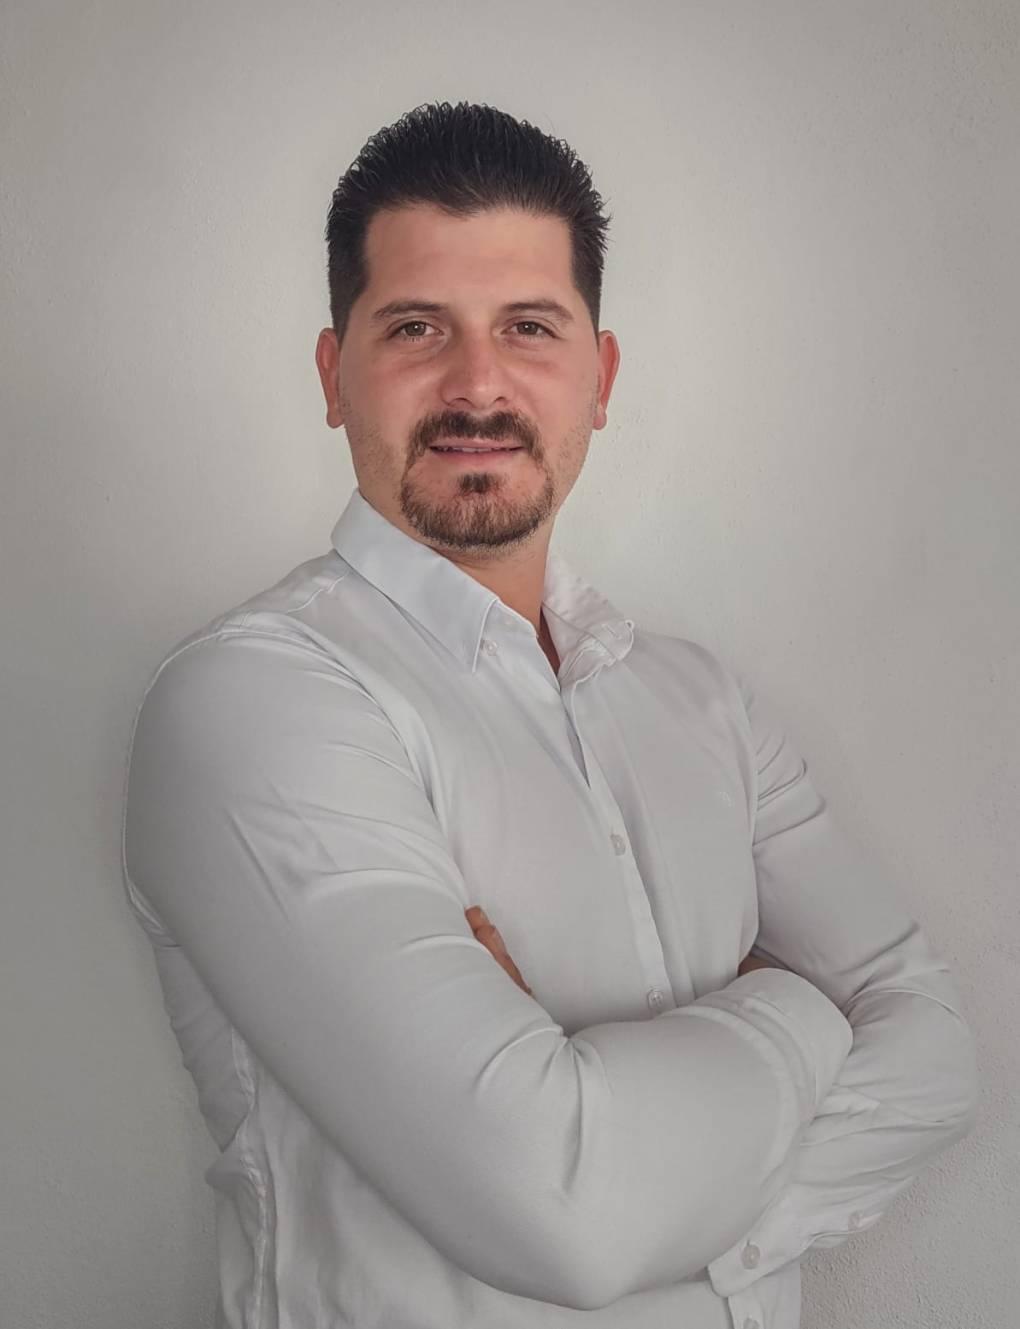 Diego Missael Palacios ojeda